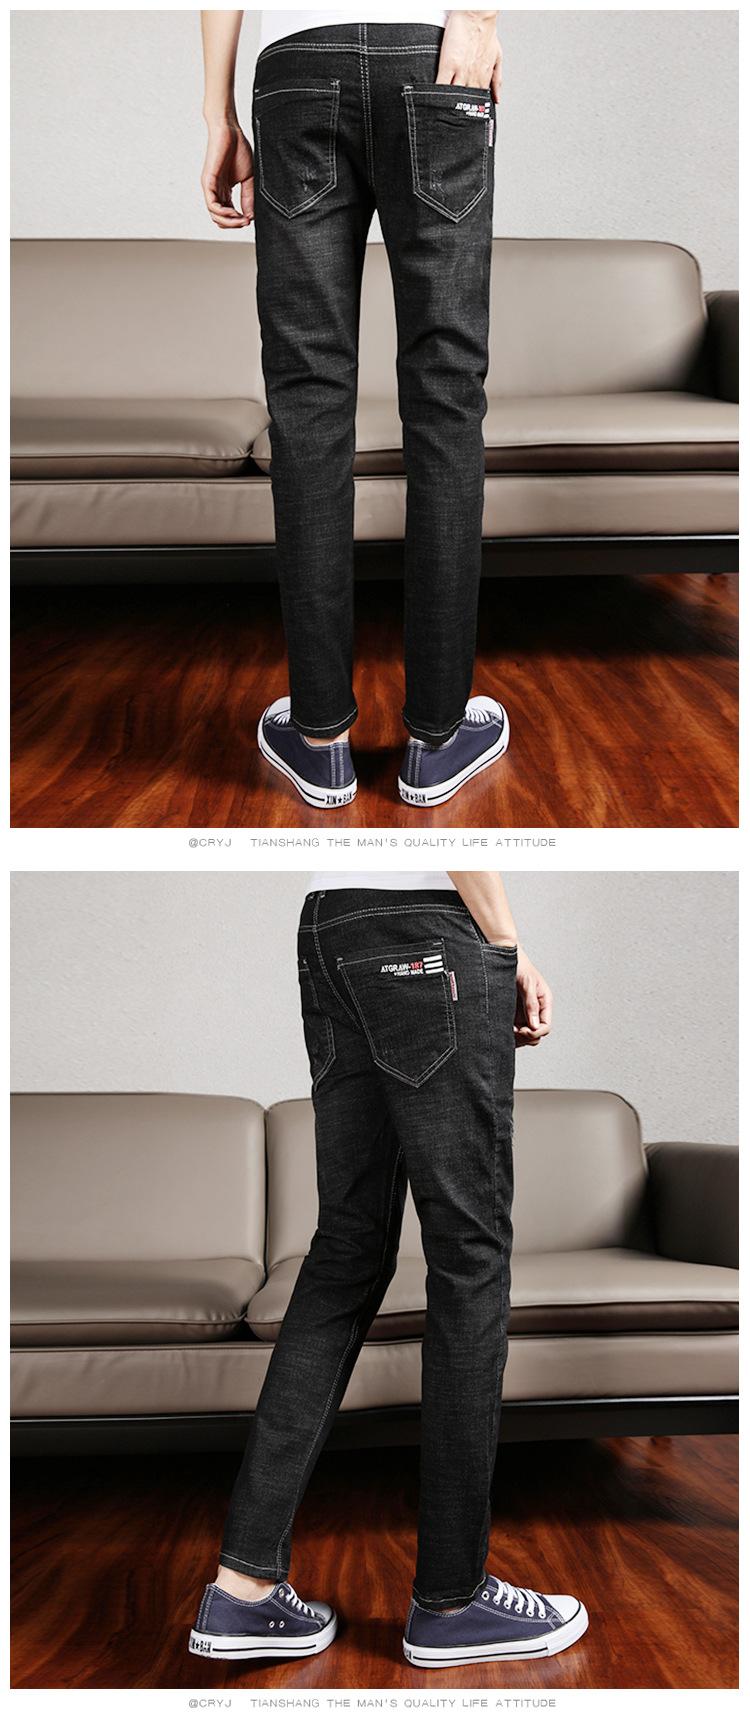 新款男士牛仔裤 百搭男式韩版潮流修身牛仔裤  青年裤一件代发示例图7